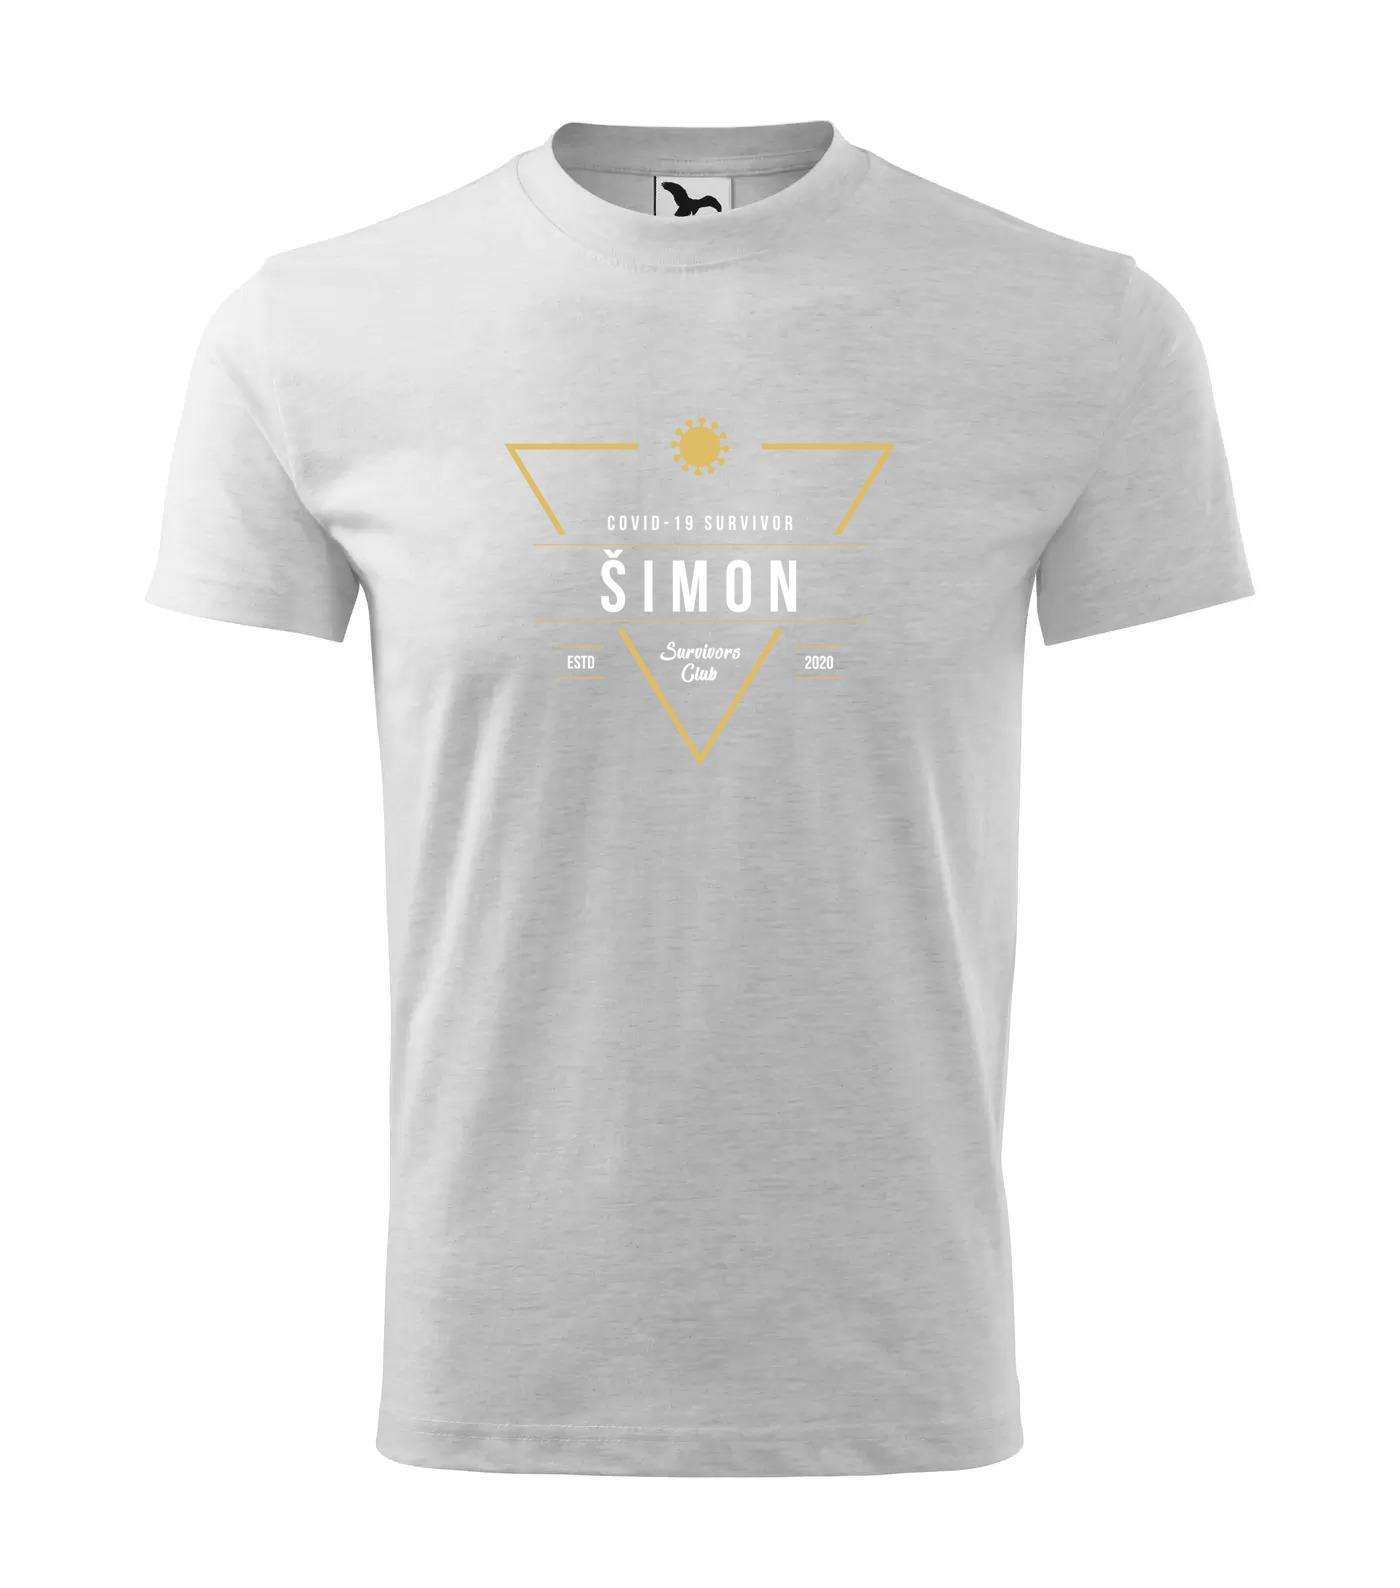 Tričko Survivor Club imon